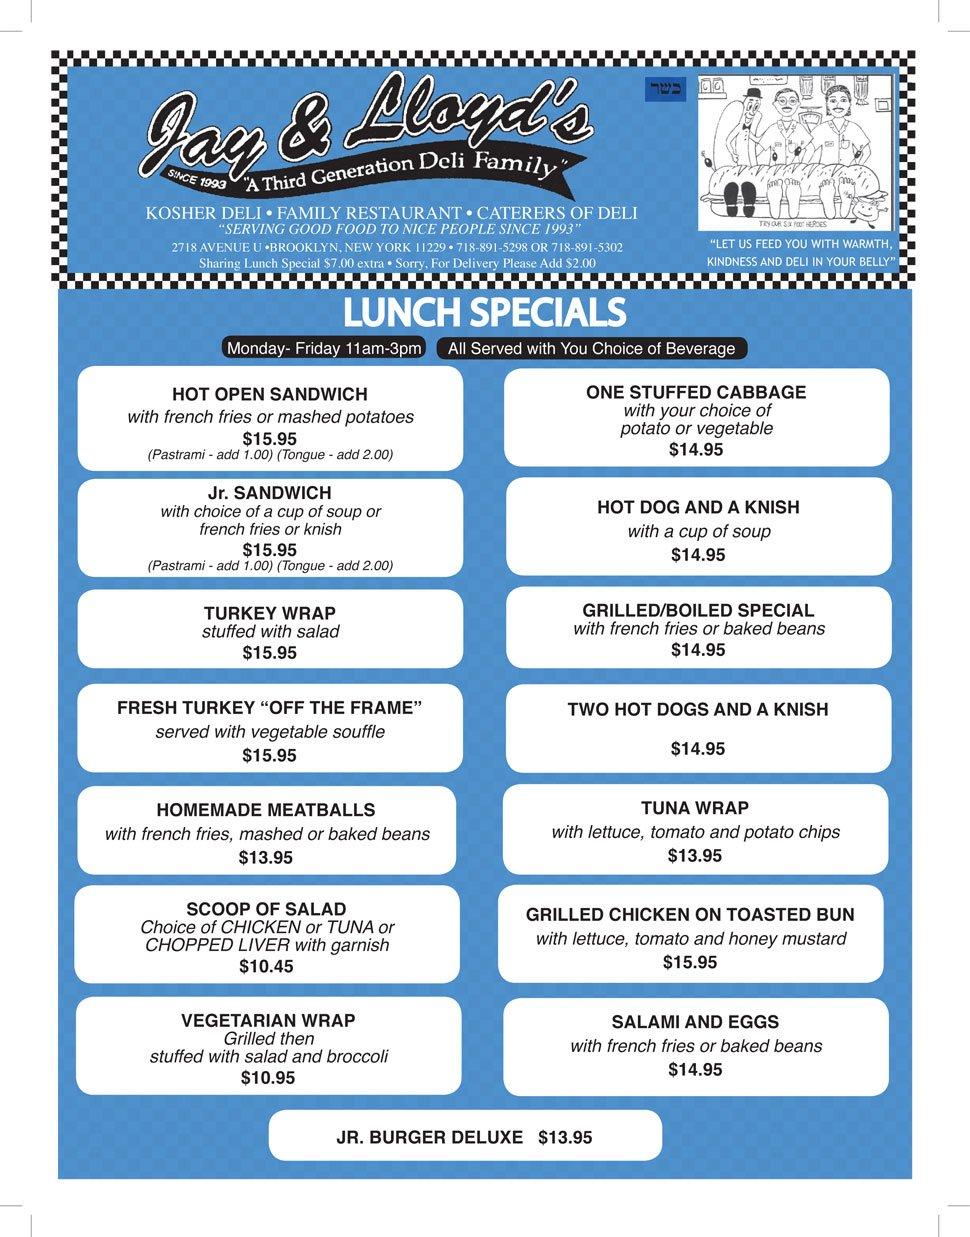 Lunch Menu| Brooklyn, NY | Jay & Lloyd's Kosher Deli | 718-891-5298